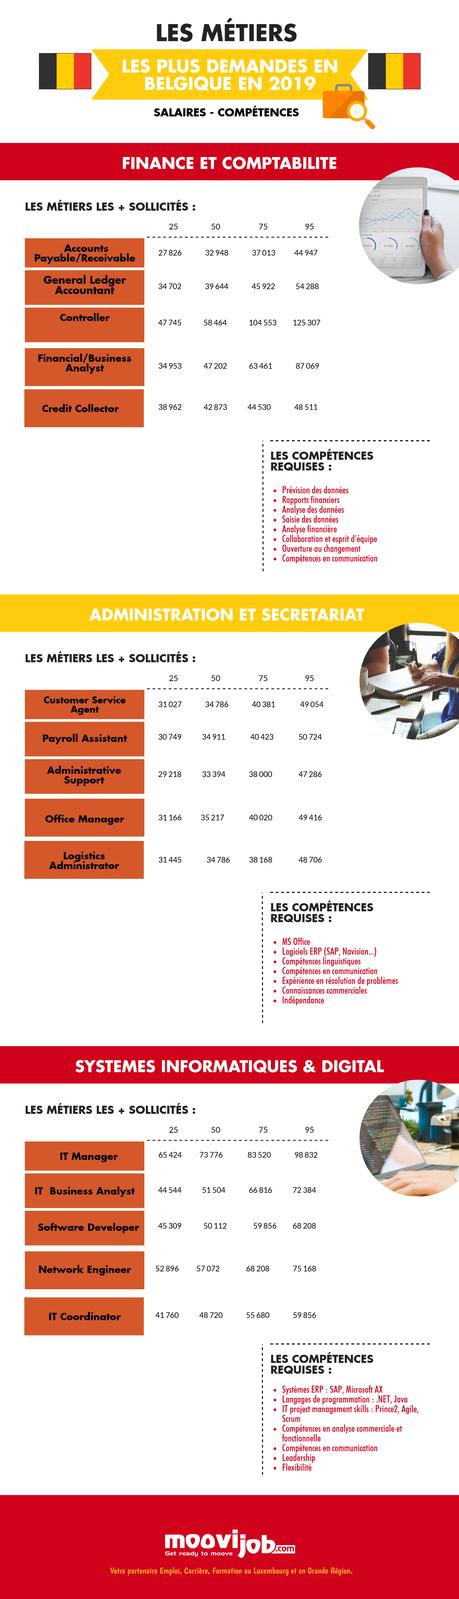 2019 : les métiers les plus demandés en Belgique